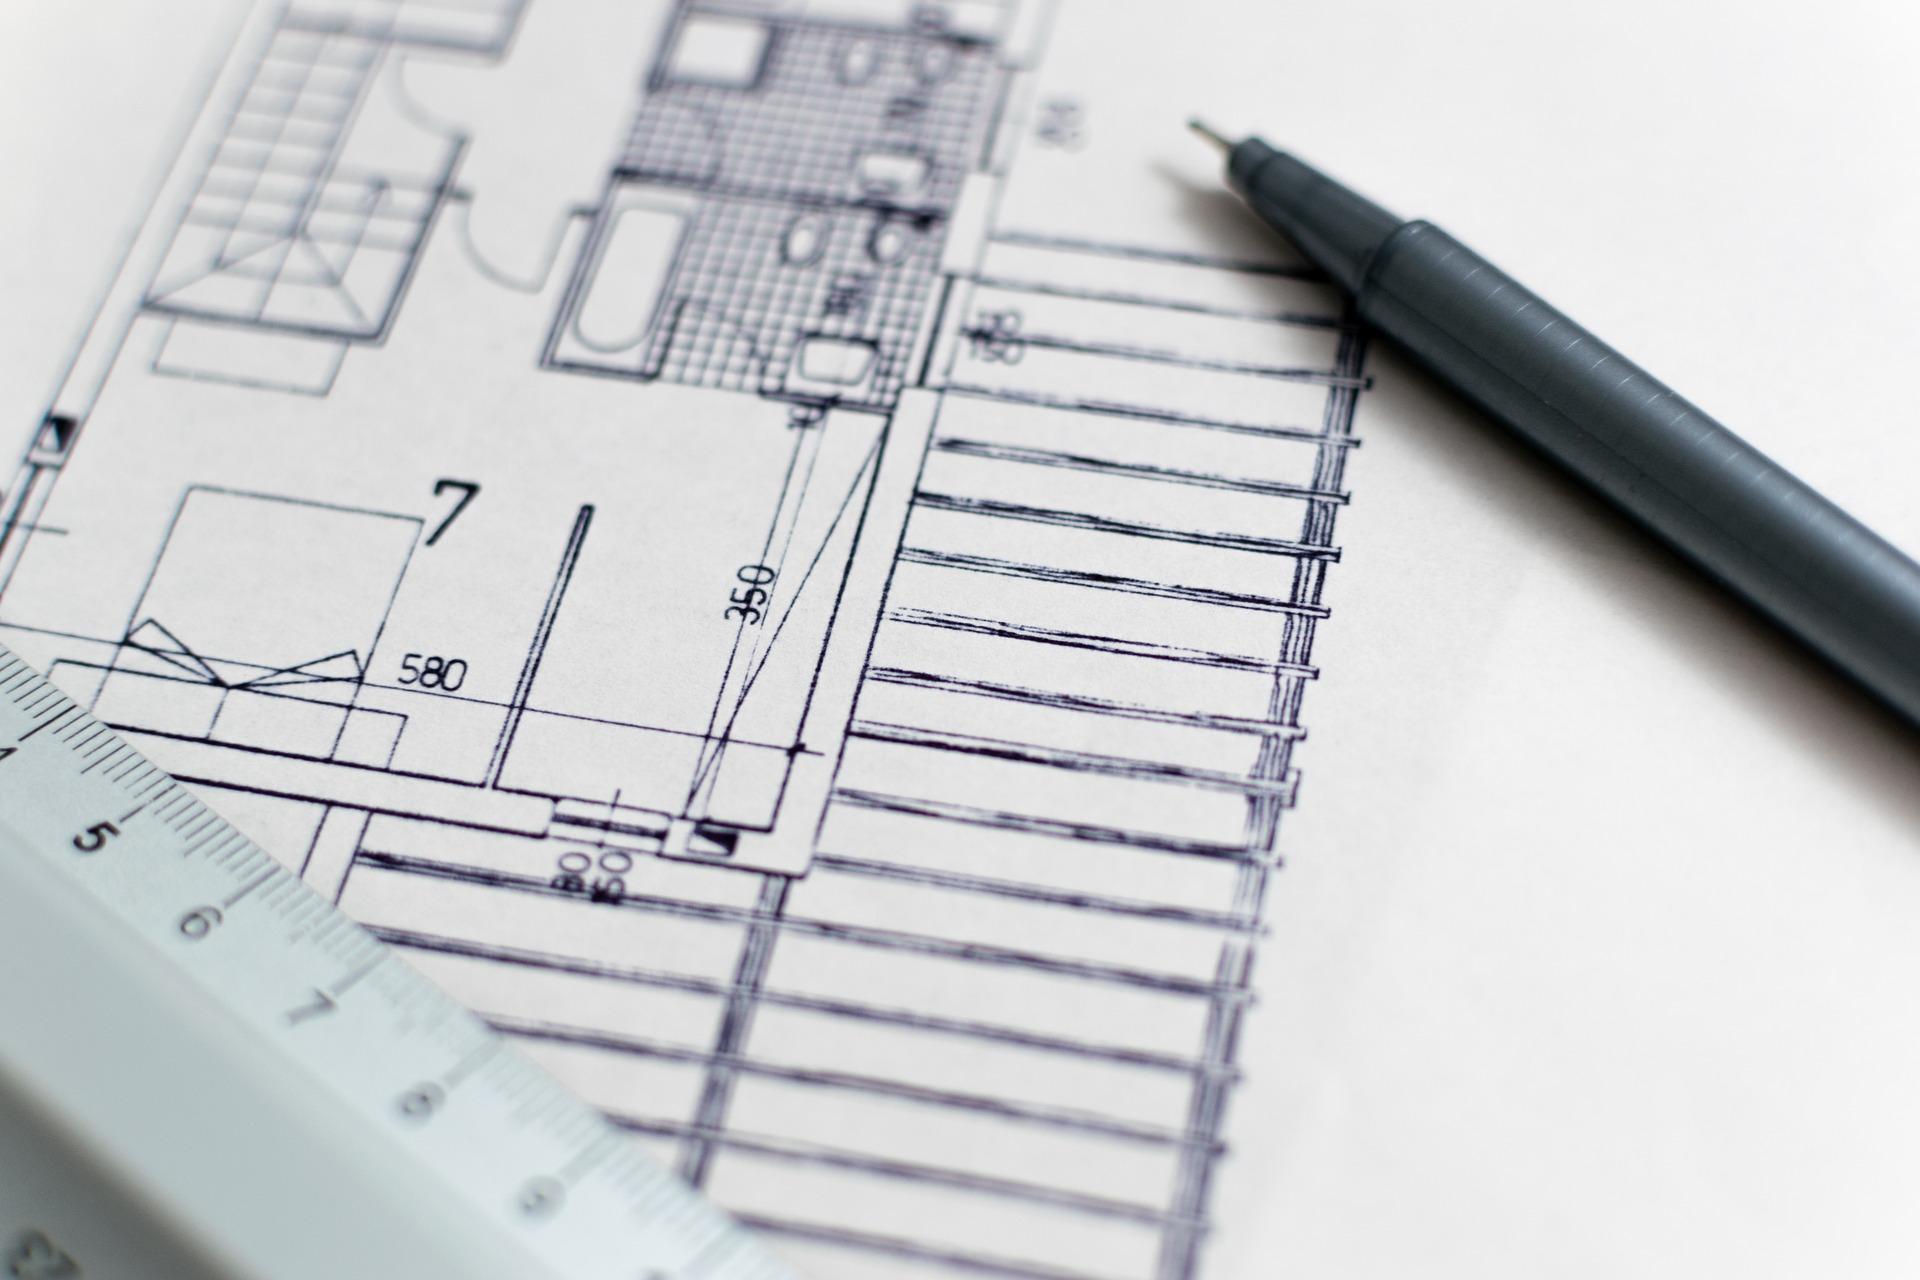 Les différentes étapes de construction d'une maison